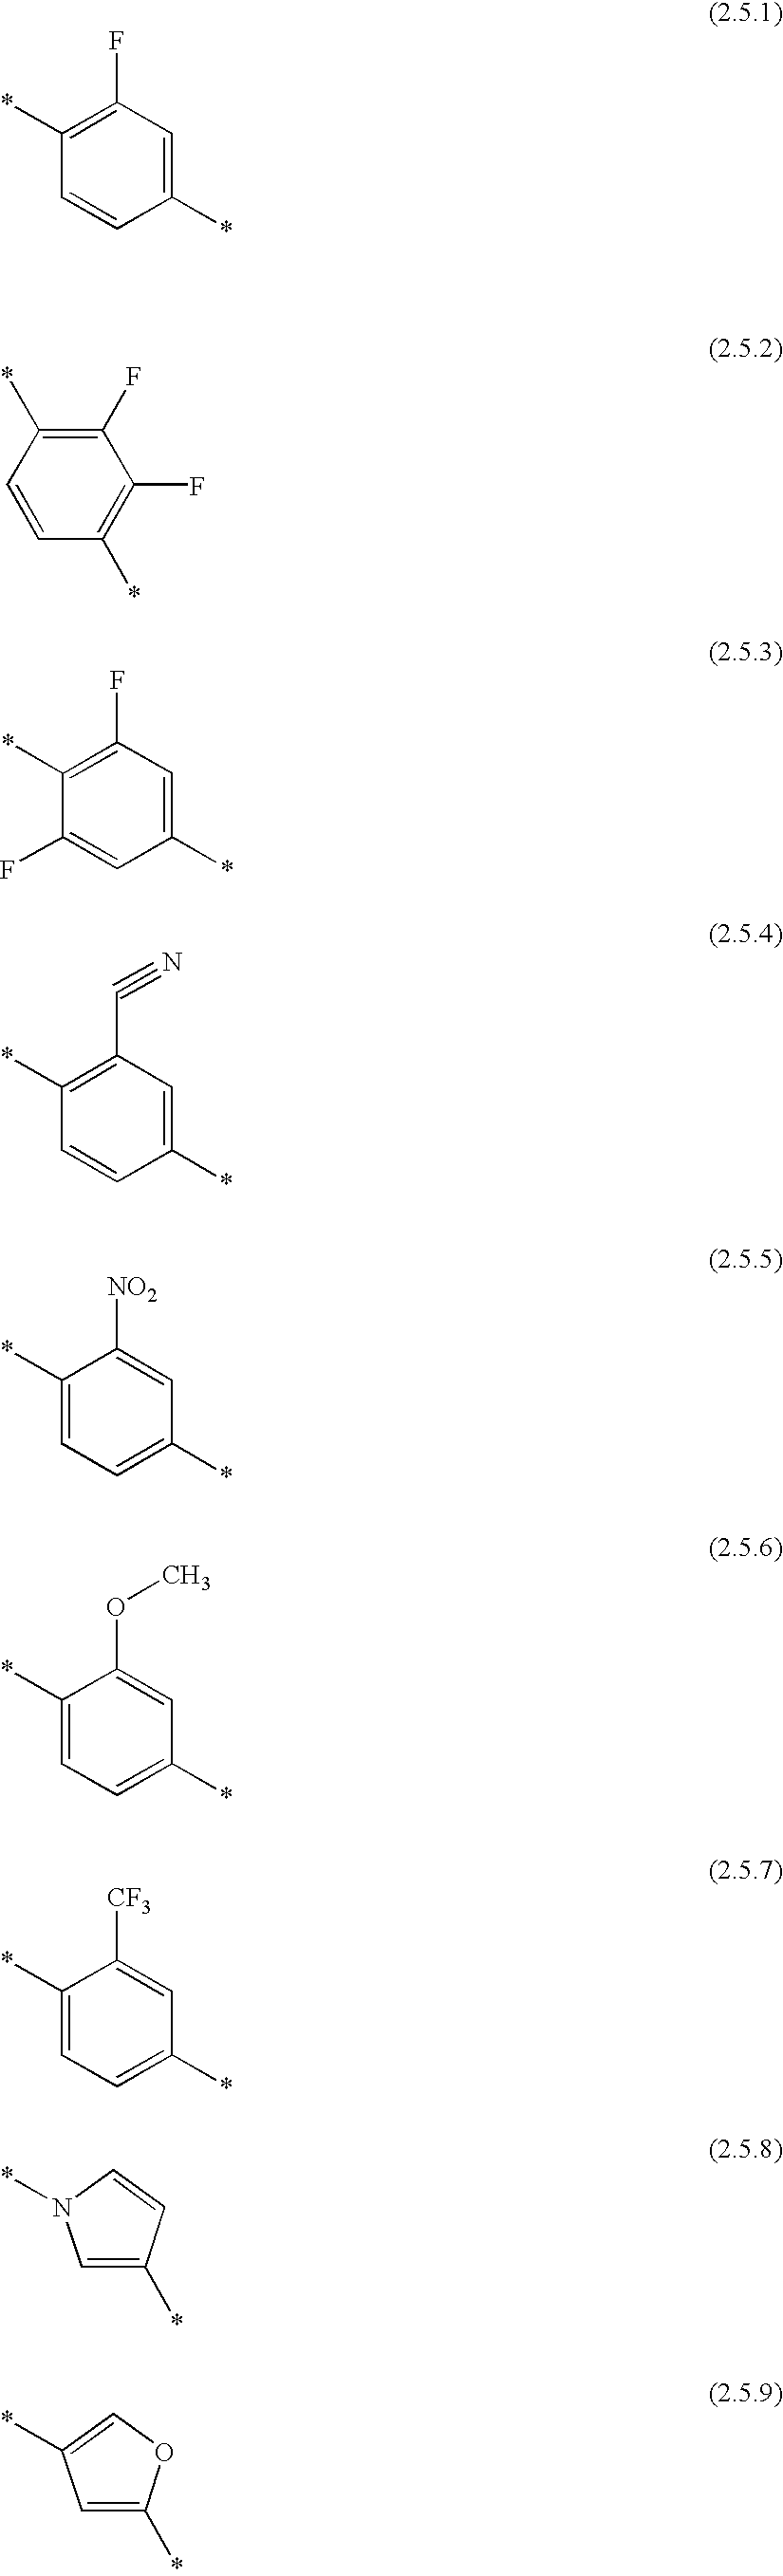 Figure US20030186974A1-20031002-C00093